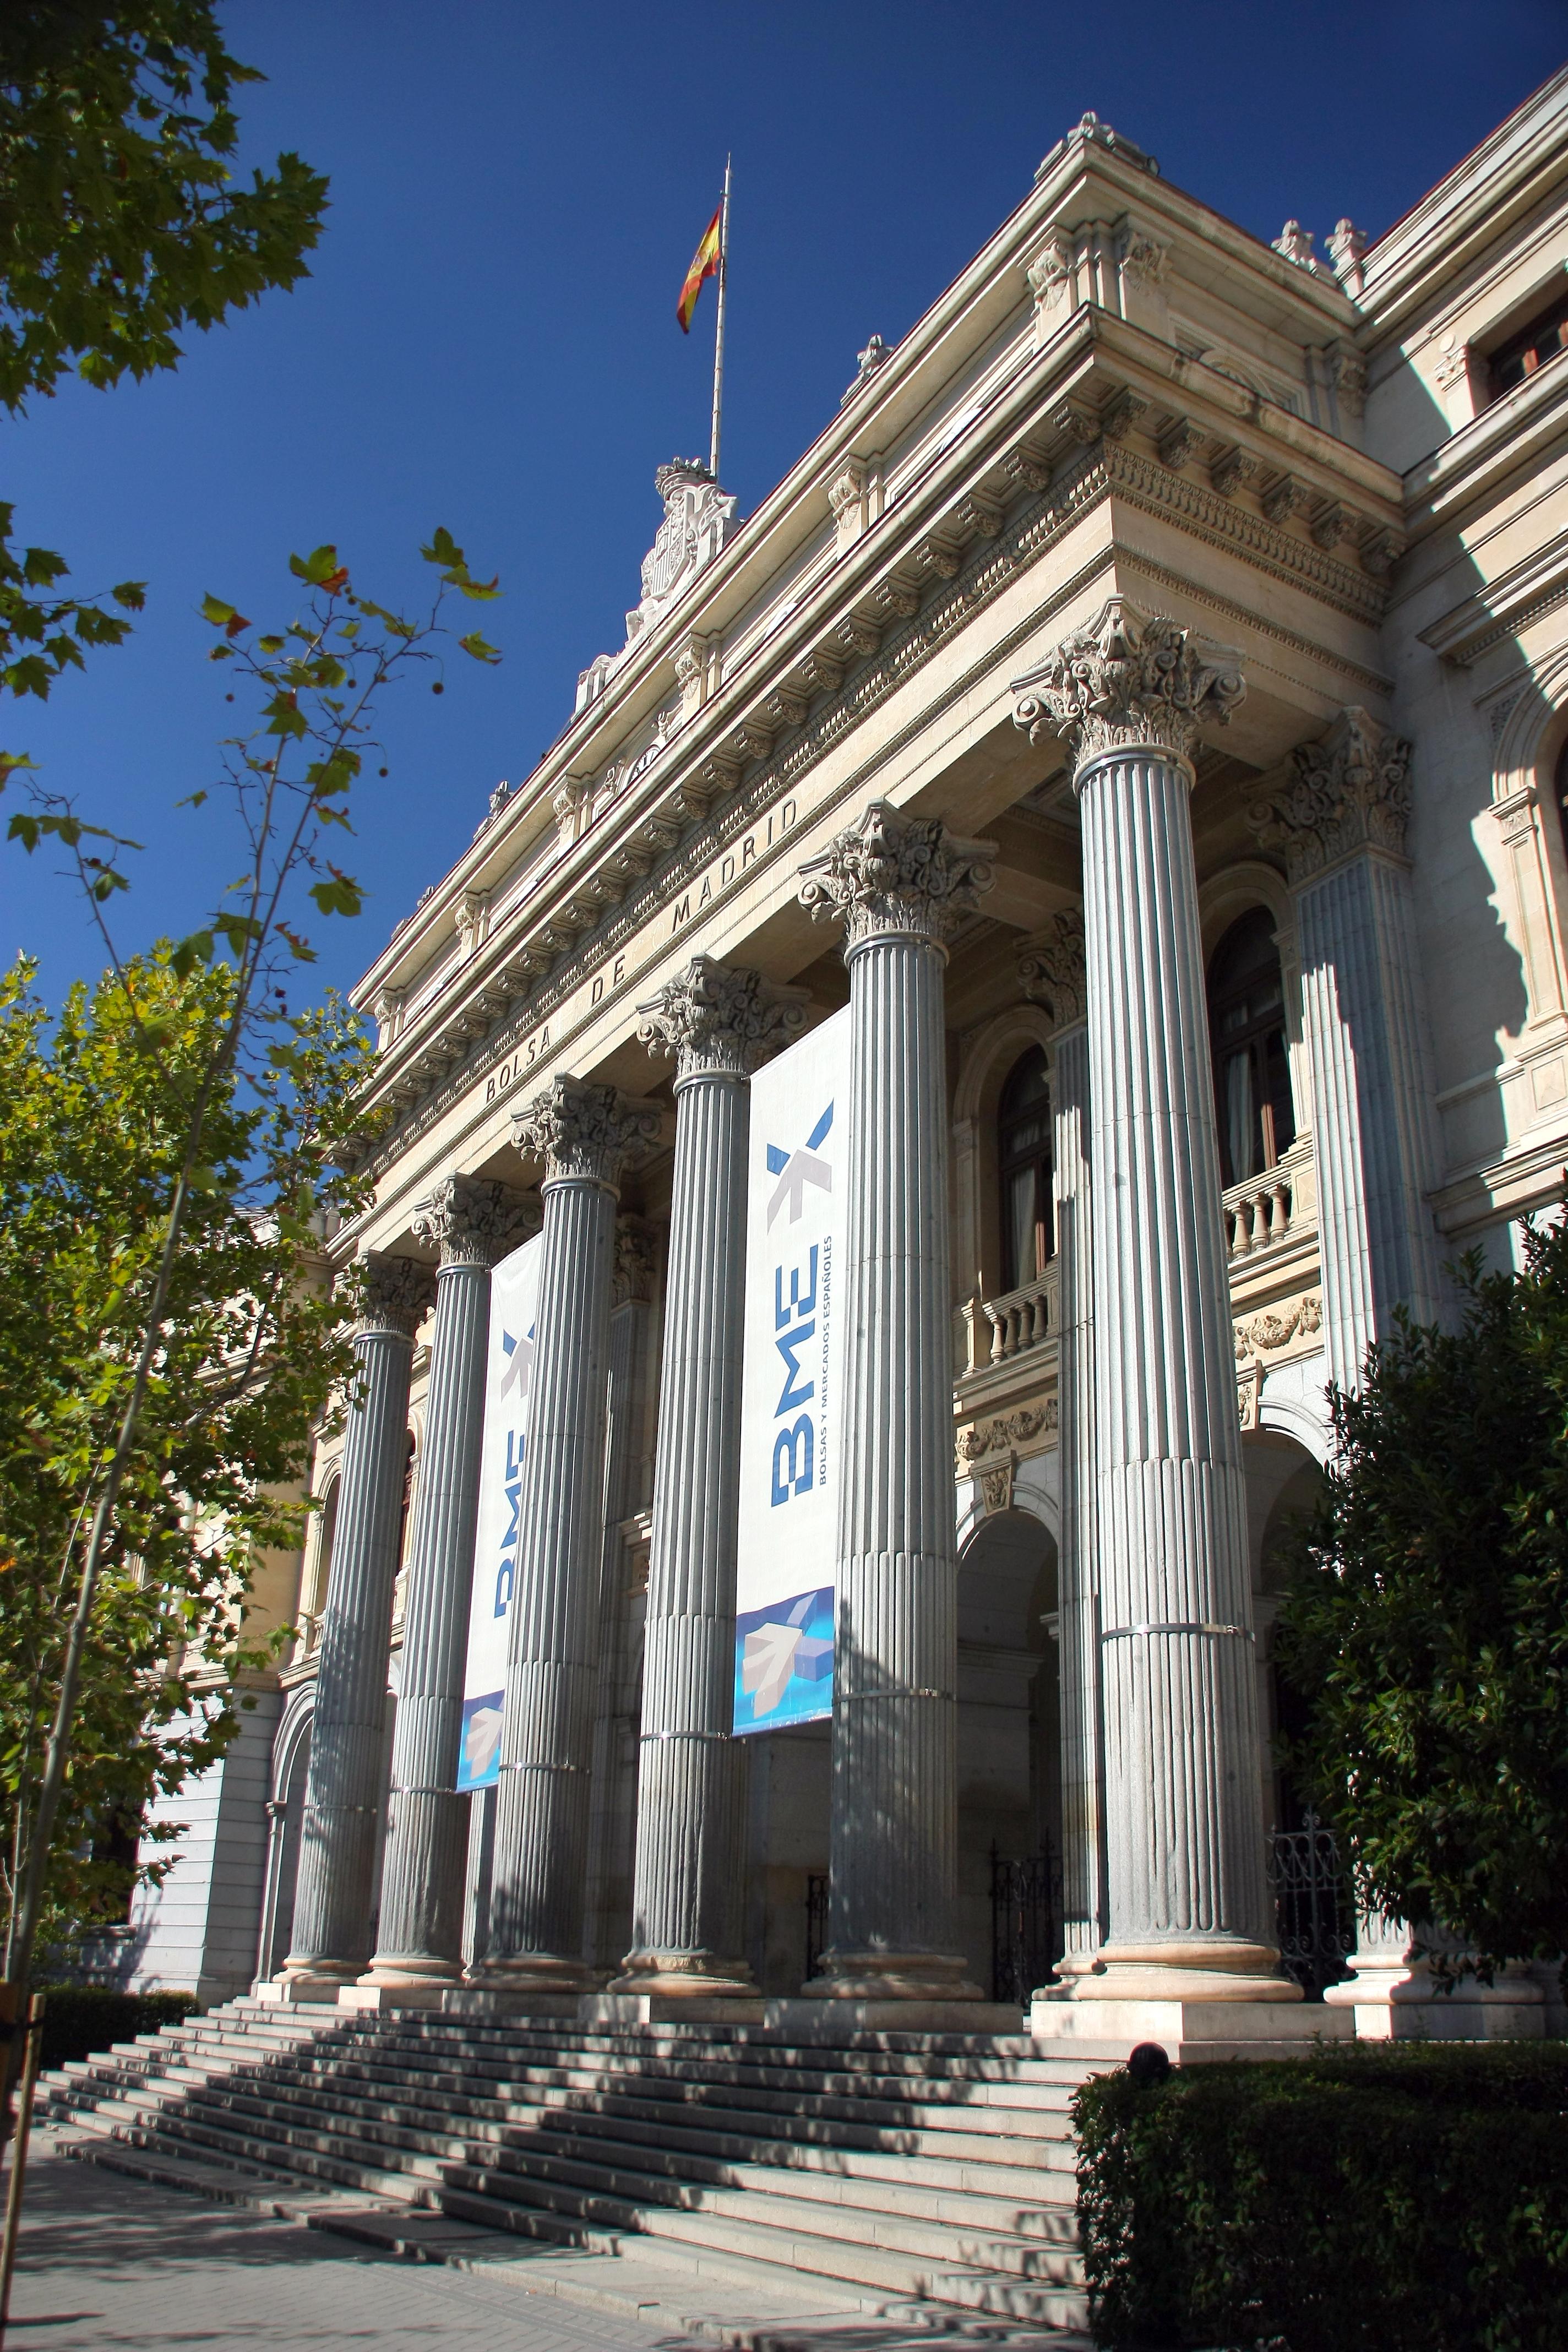 Depiction of Bolsa de Madrid